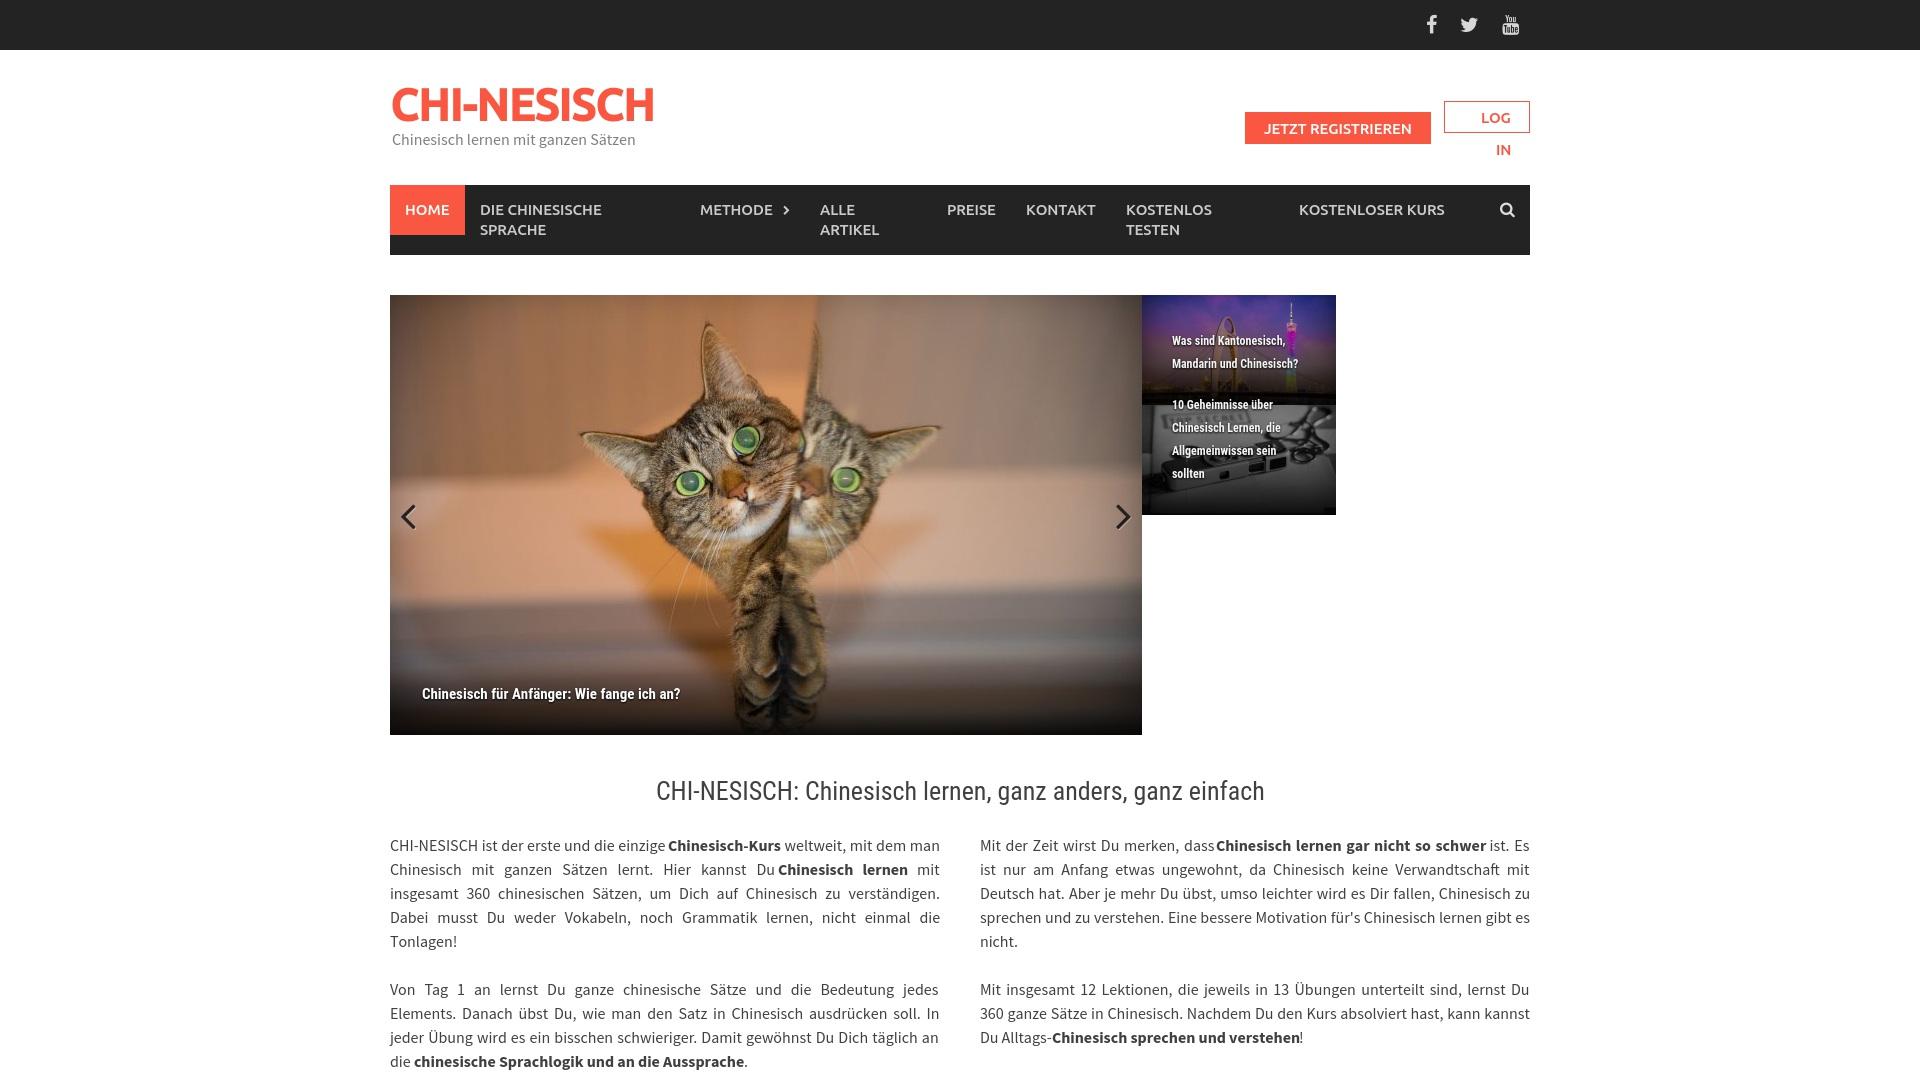 Gutschein für Chi-nesisch: Rabatte für  Chi-nesisch sichern